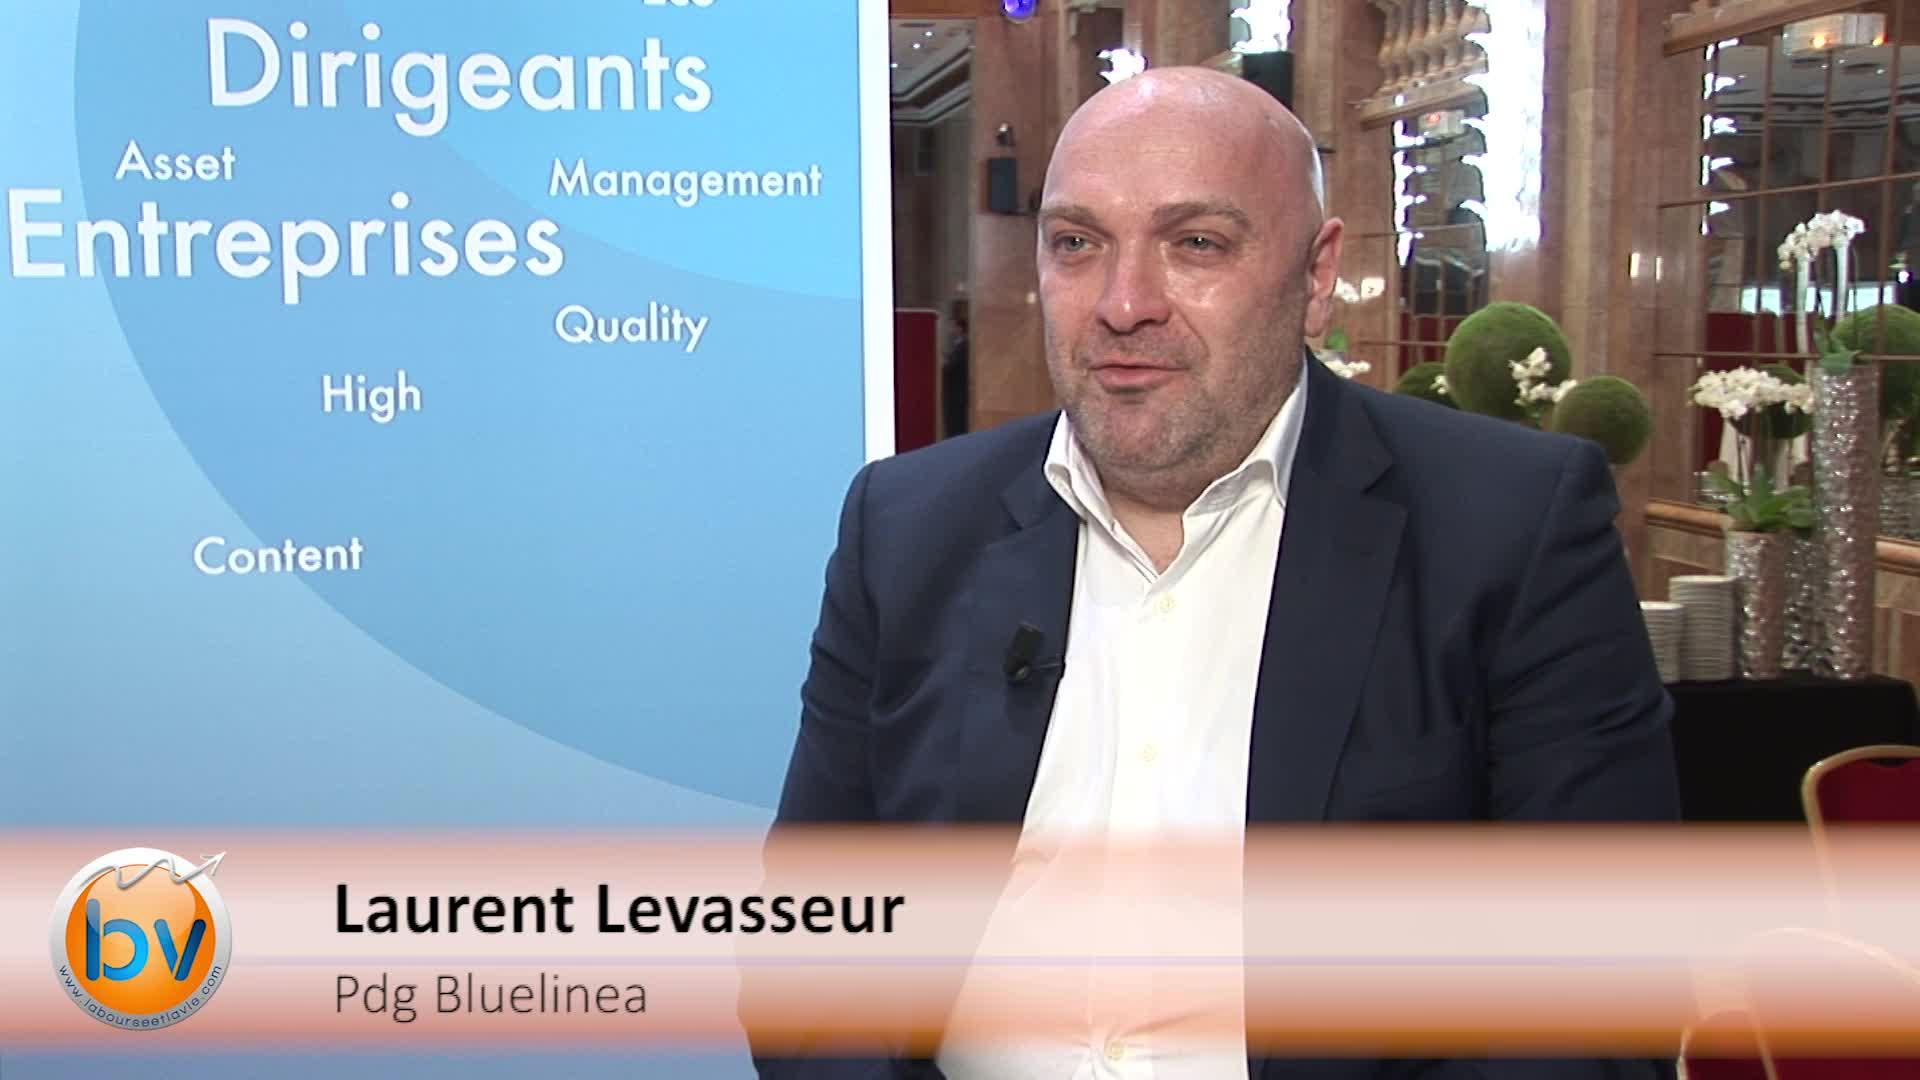 Laurent Levasseur Pdg Bluelinea : «Nous sommes devenus un opérateur d'objets connectés dédiés aux seniors»